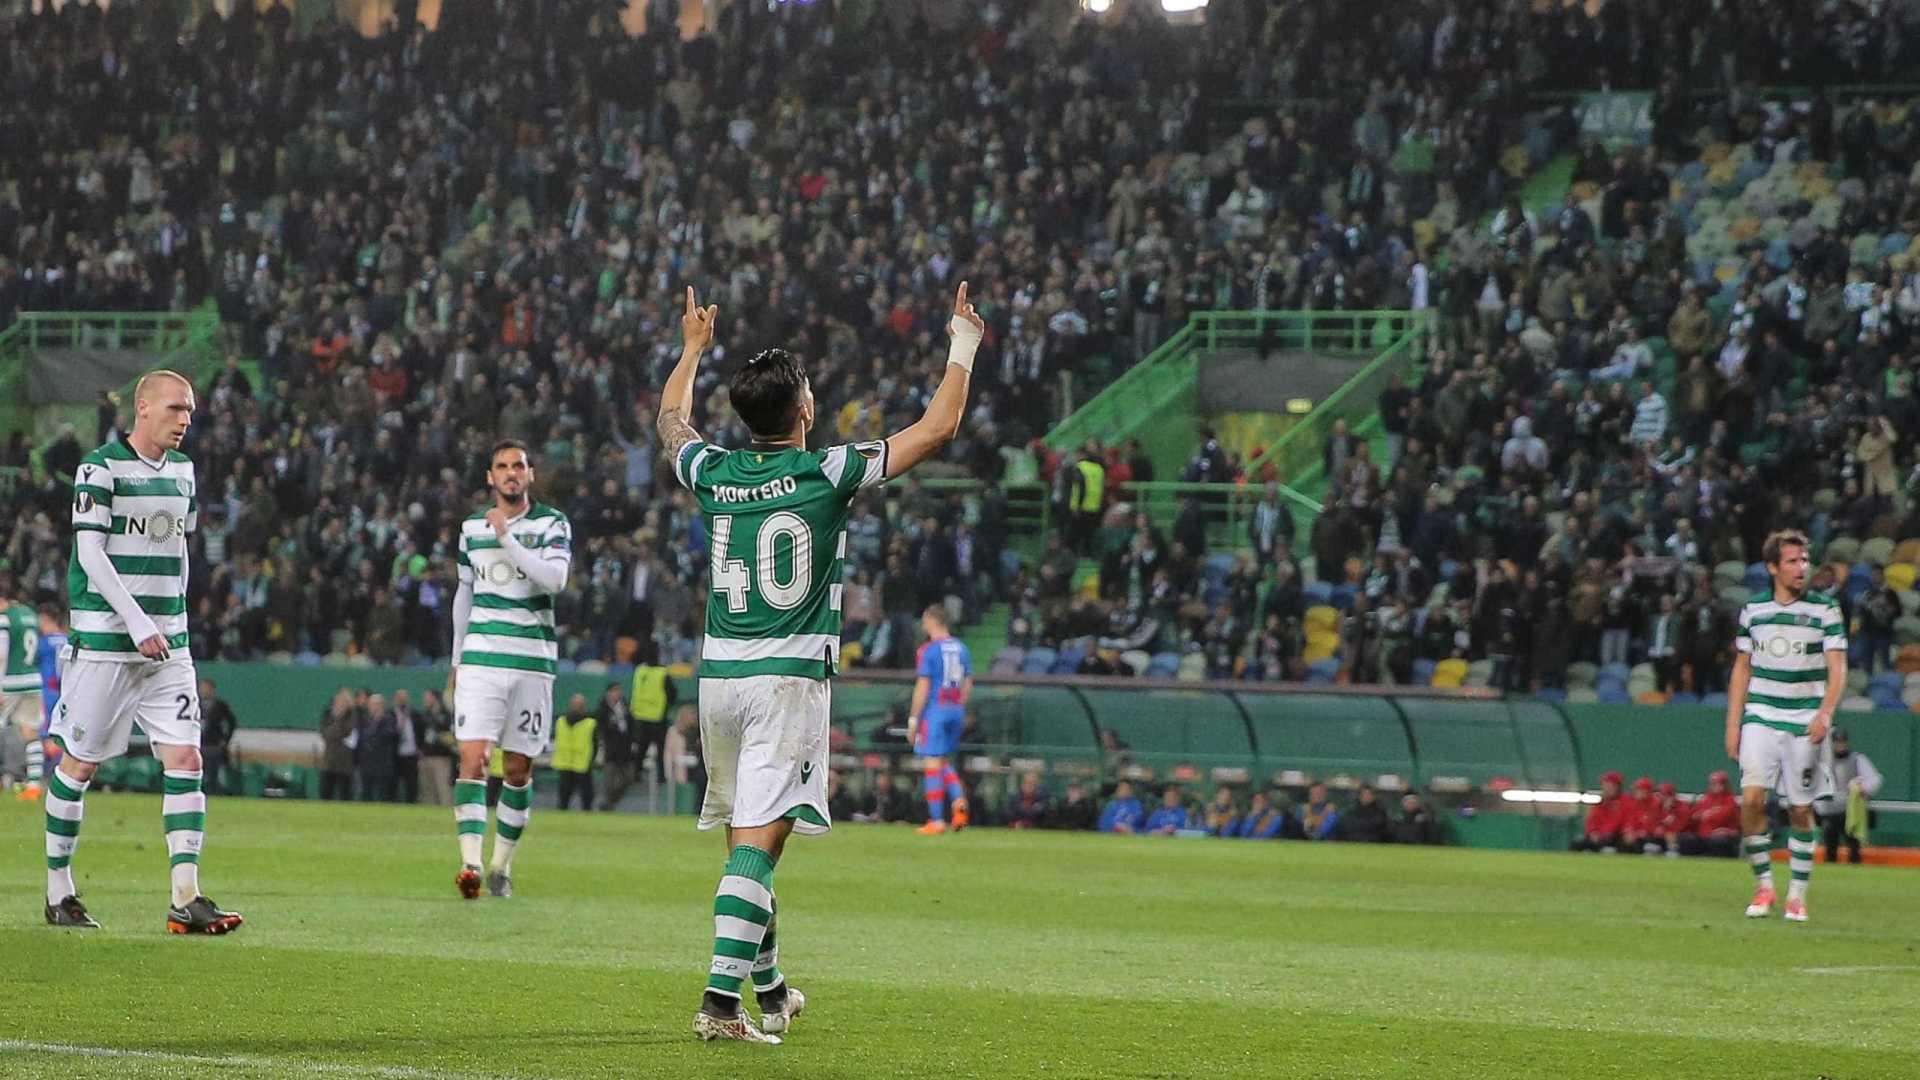 sporting vence viktoria plzen, por 2-0 e espreita os quartos de finais da liga europa - SPORTING - Sporting vence Viktoria Plzen, por 2-0 e espreita os quartos de finais da Liga Europa